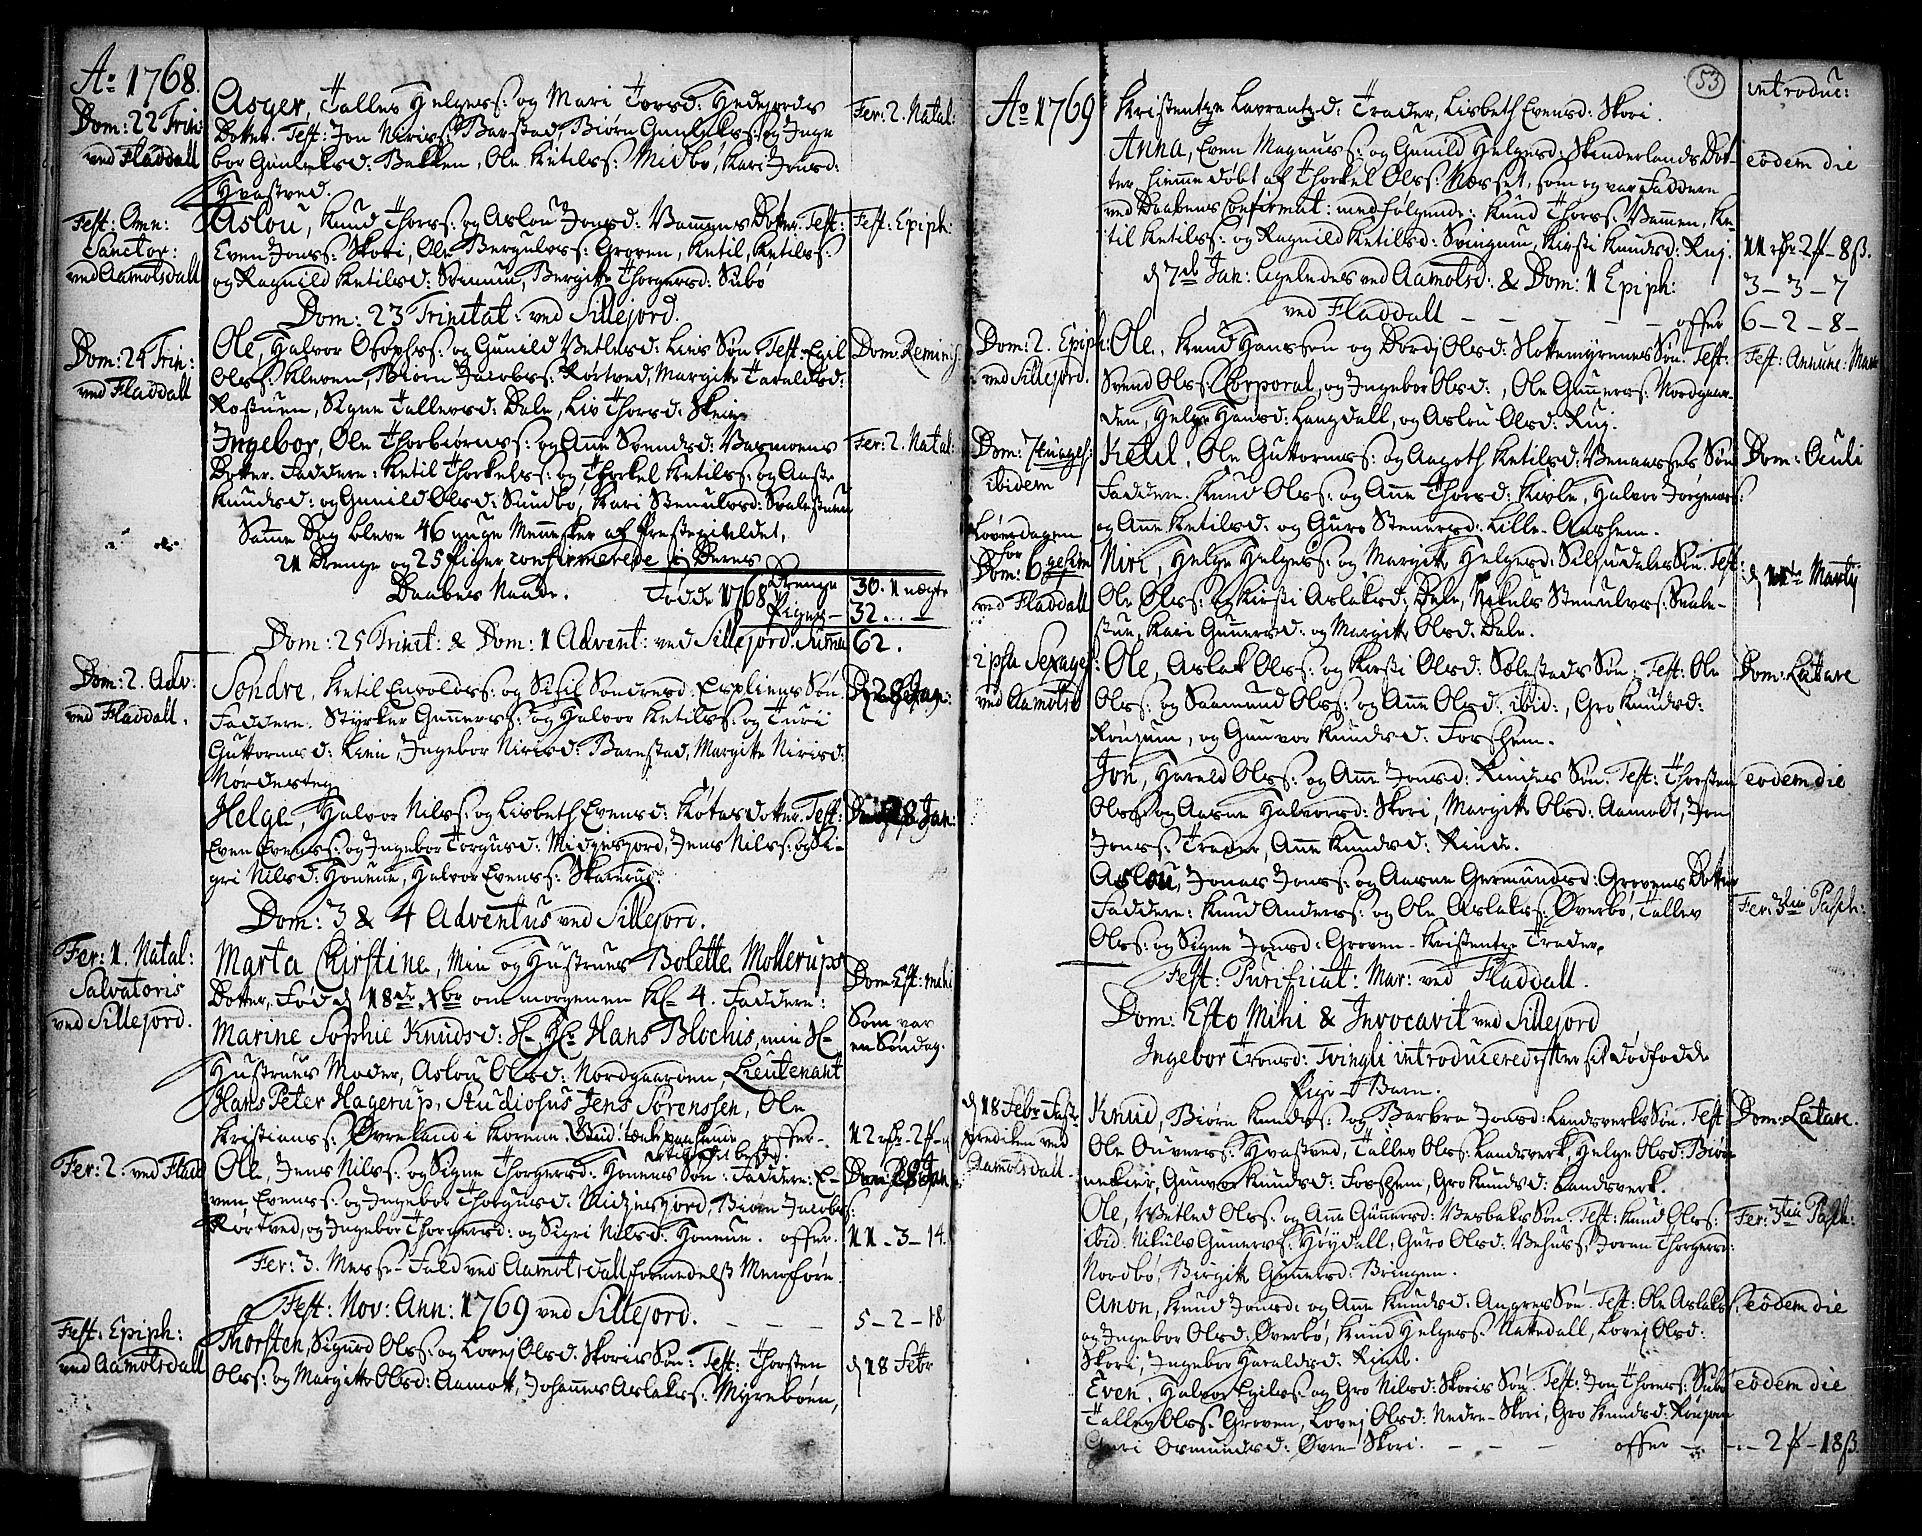 SAKO, Seljord kirkebøker, F/Fa/L0007: Ministerialbok nr. I 7, 1755-1800, s. 53